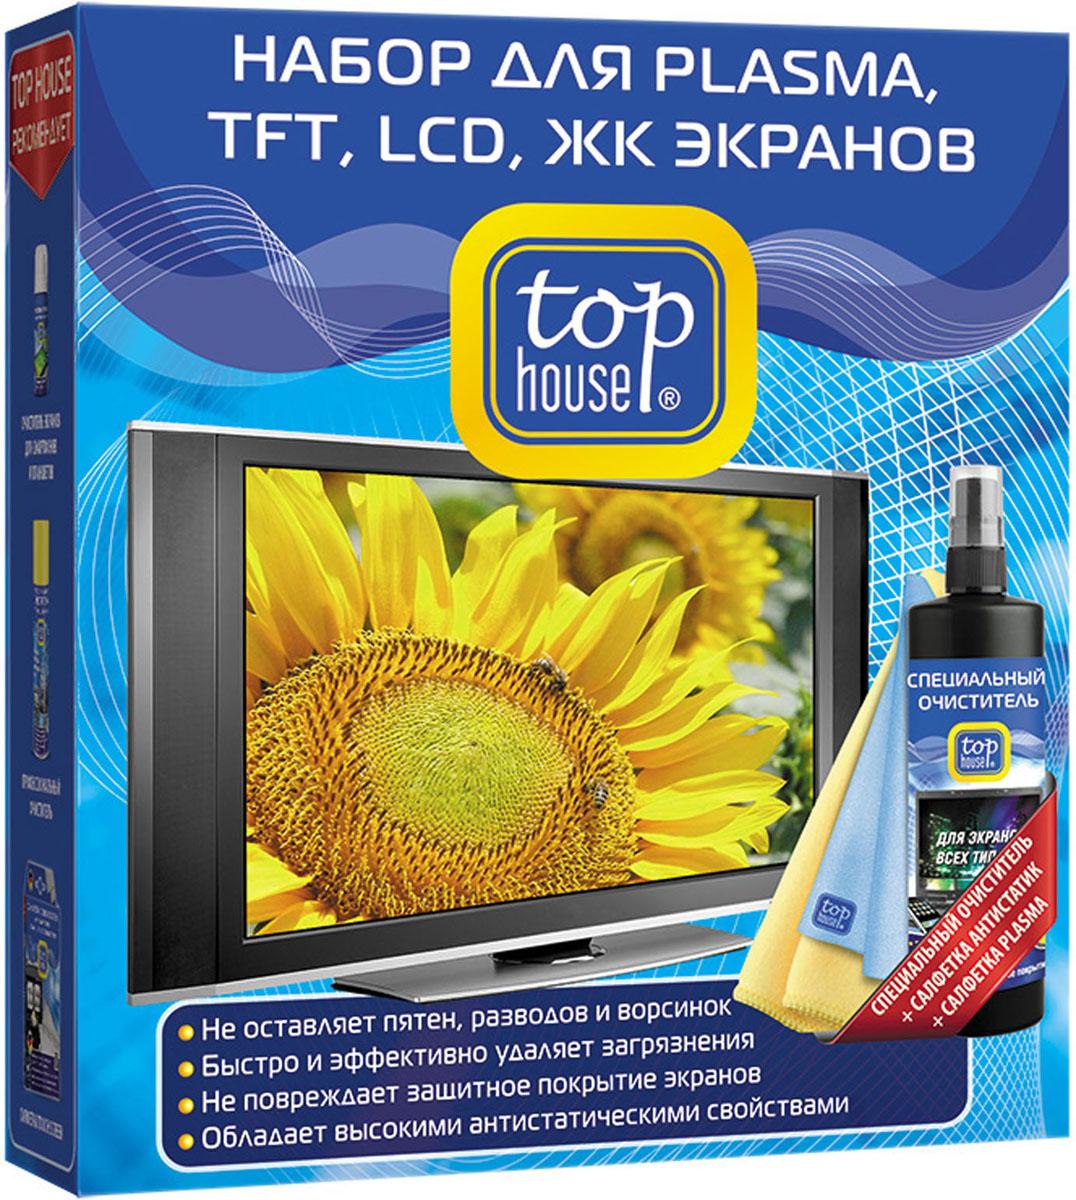 Набор для ухода за Plasma, TFT, LCD, ЖК экранами Top House, 3 предмета390957Набор Top House состоит из специального очистителя, салфетки и салфетки-антистатика. Набор разработан по современной технологии с учетом рекомендаций ведущих производителей аудио- и видеотехники, оргтехники и цифровых устройств. Набор предназначен для качественной очистки и повседневного ухода за экранами TFT и плазменных панелей, ЖК-телевизоров, LCD-мониторов, проекционных и ЭЛТ телевизоров, ноутбуков, КПК, смартфонов, коммуникаторов и цифровых фоторамок. Набор идеально удаляет любые загрязнения, не повреждает защитное покрытие экранов, обладает длительным антистатическим эффектом. Не оставляет ворсинок, царапин и разводов. Очиститель подходит для всех типов экранов. Для достижения наилучшего результата используйте очистительсовместно с безворсовой тканой салфеткой. Для сбора пыли без увлажнения и снятия статического электричества используйте салфетку-антистатик. Состав средства: менее 5% неионные ПАВ, растворитель (бутилгликоль), антистатик, ароматизаторы, обессоленная вода, консерванты (бензизотиазолинон, метилизотиазолинон). Материал салфеток: 100% полиэстер. Размер салфетки: 36 см х 38 см. Размер салфетки-антистатик: 40 см х 40 см.